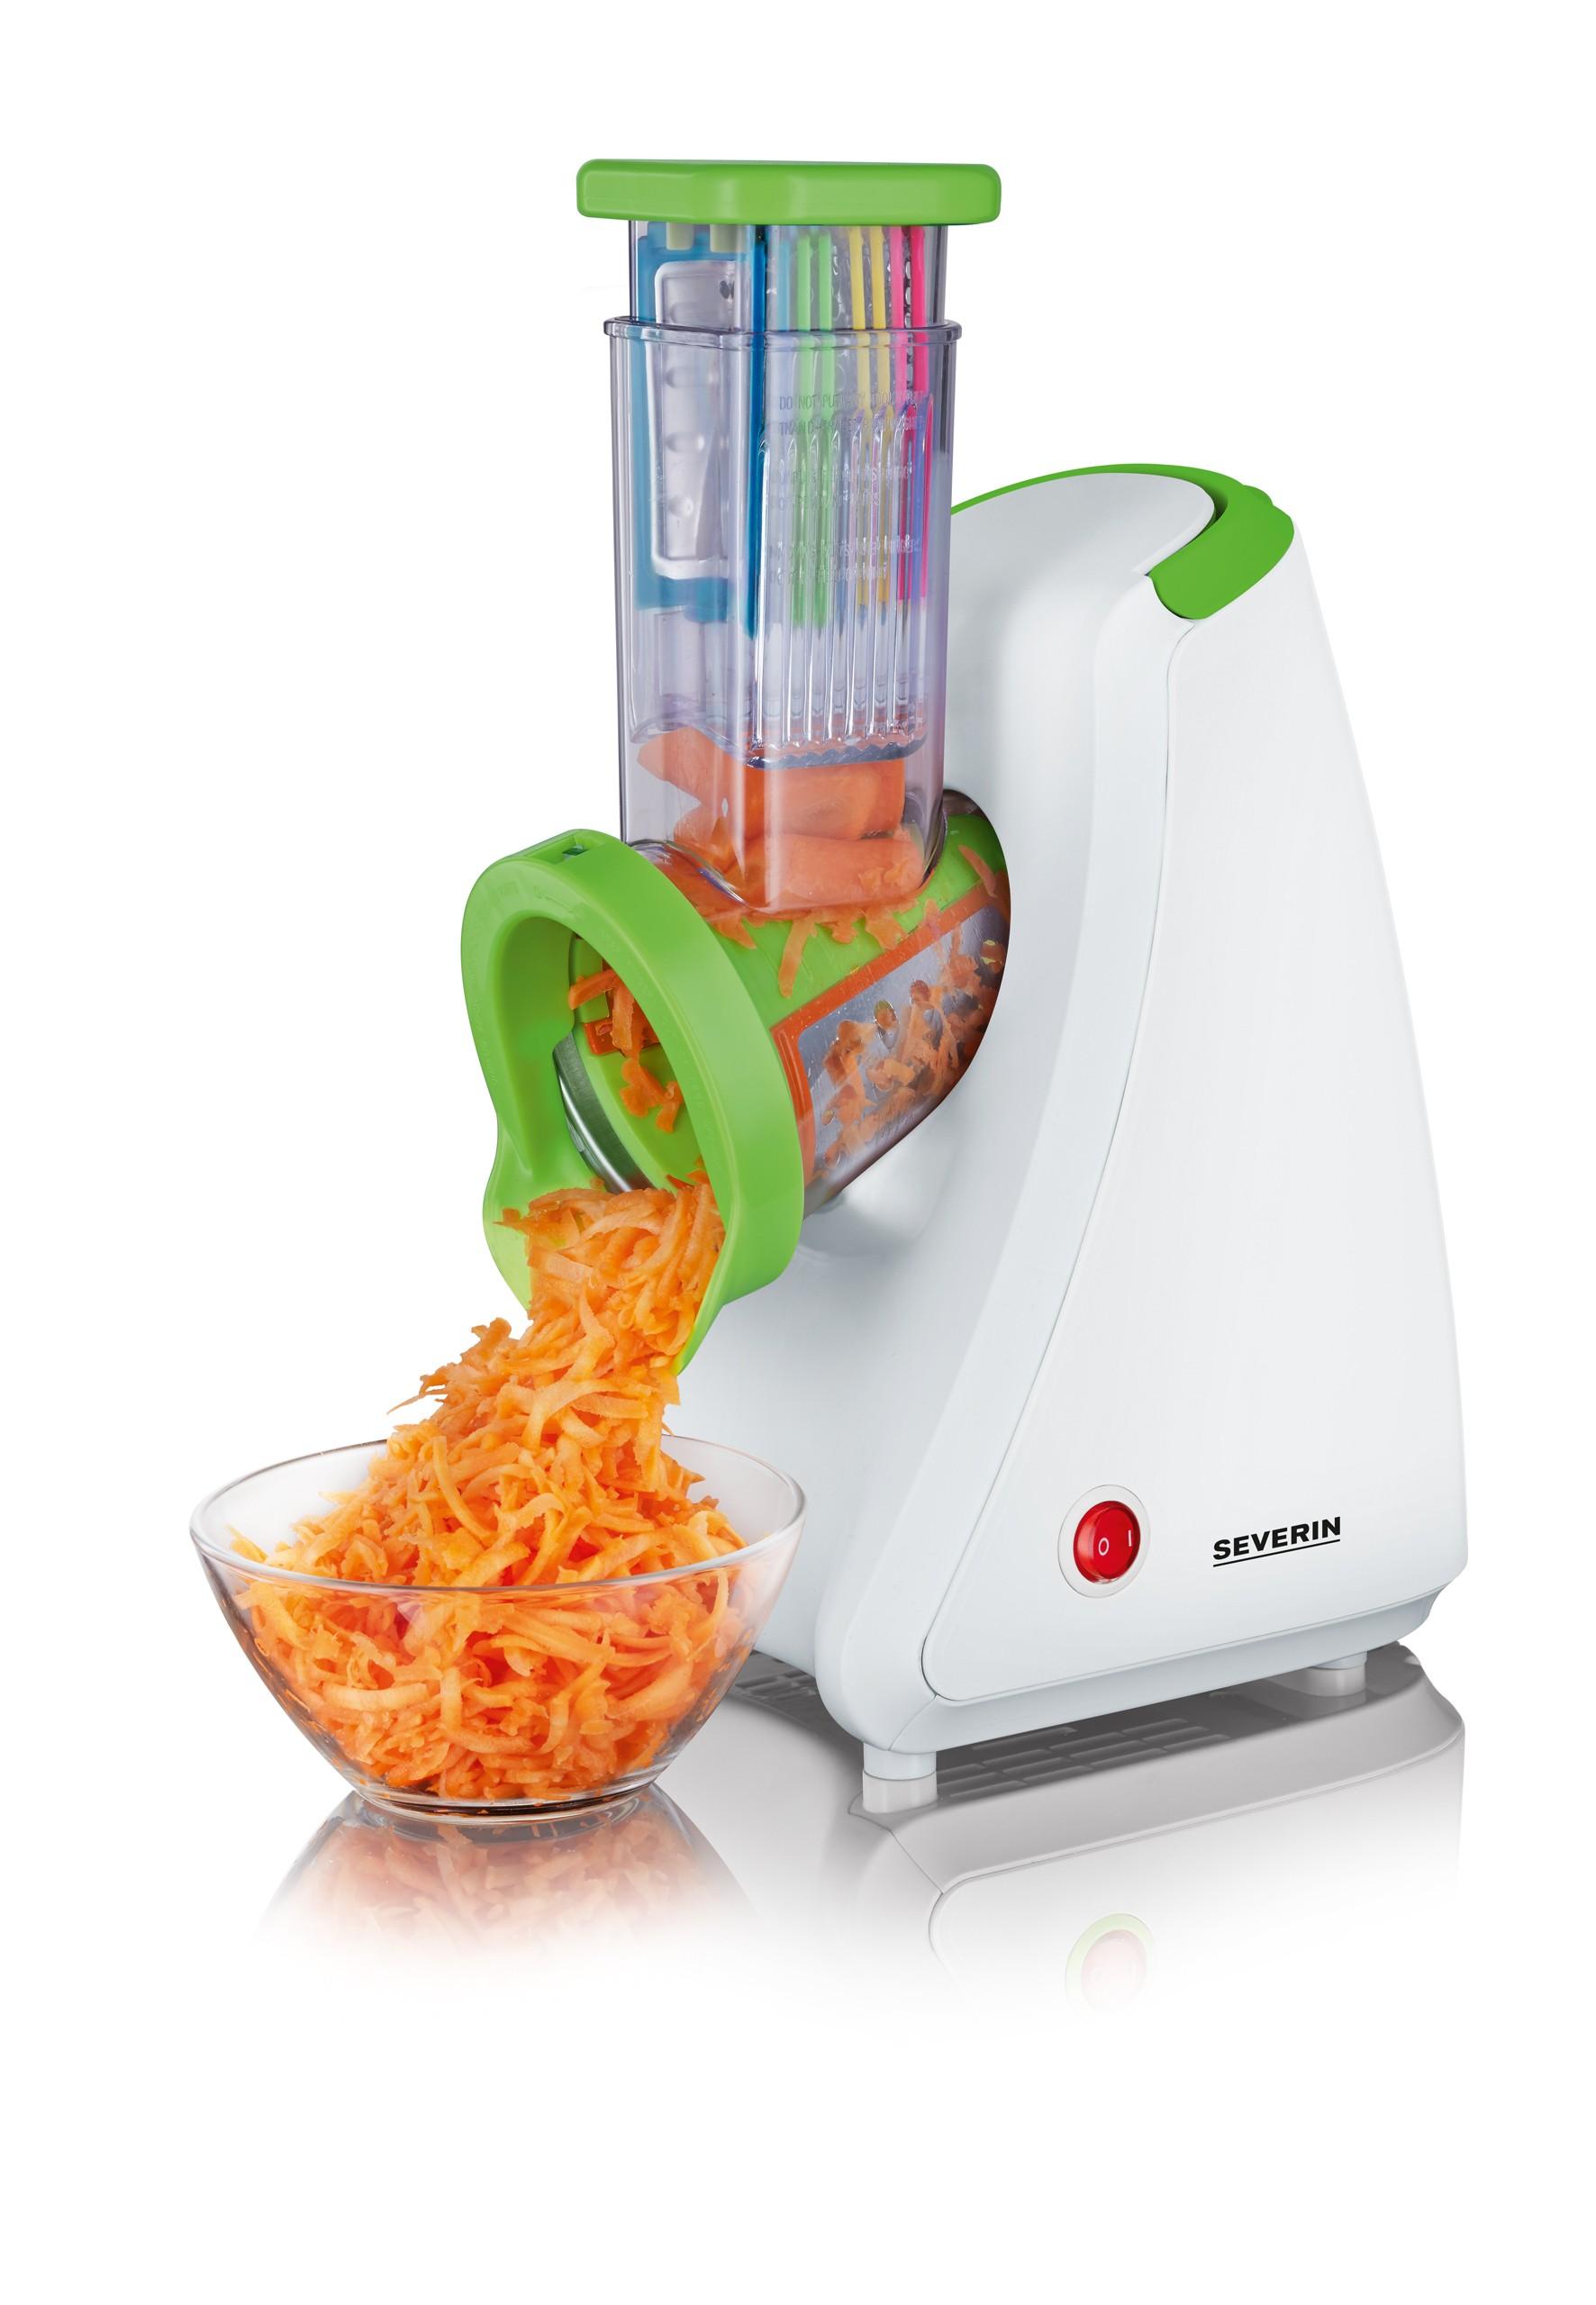 πολυτρίφτης severin 5 σε 1 200watt home   εργαλεια κουζινας   τρίφτες   μαντολίνα